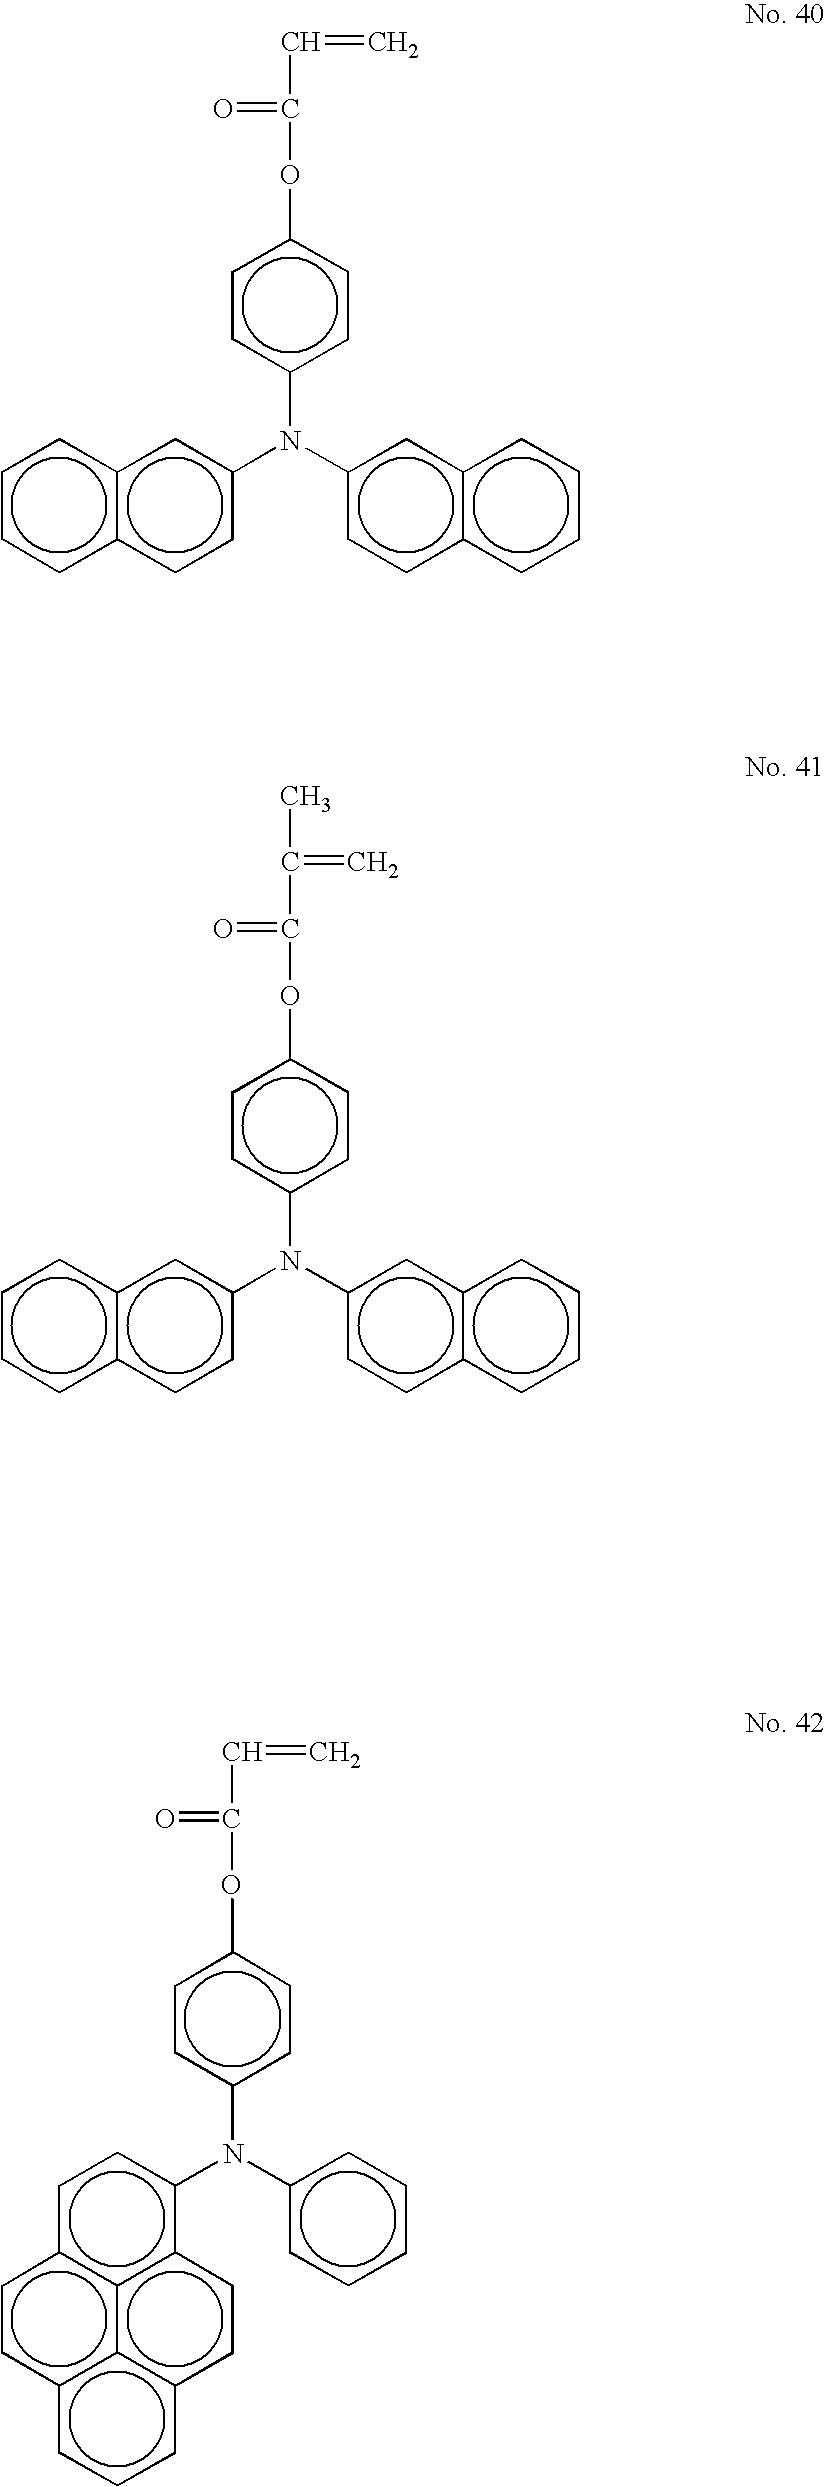 Figure US07175957-20070213-C00025